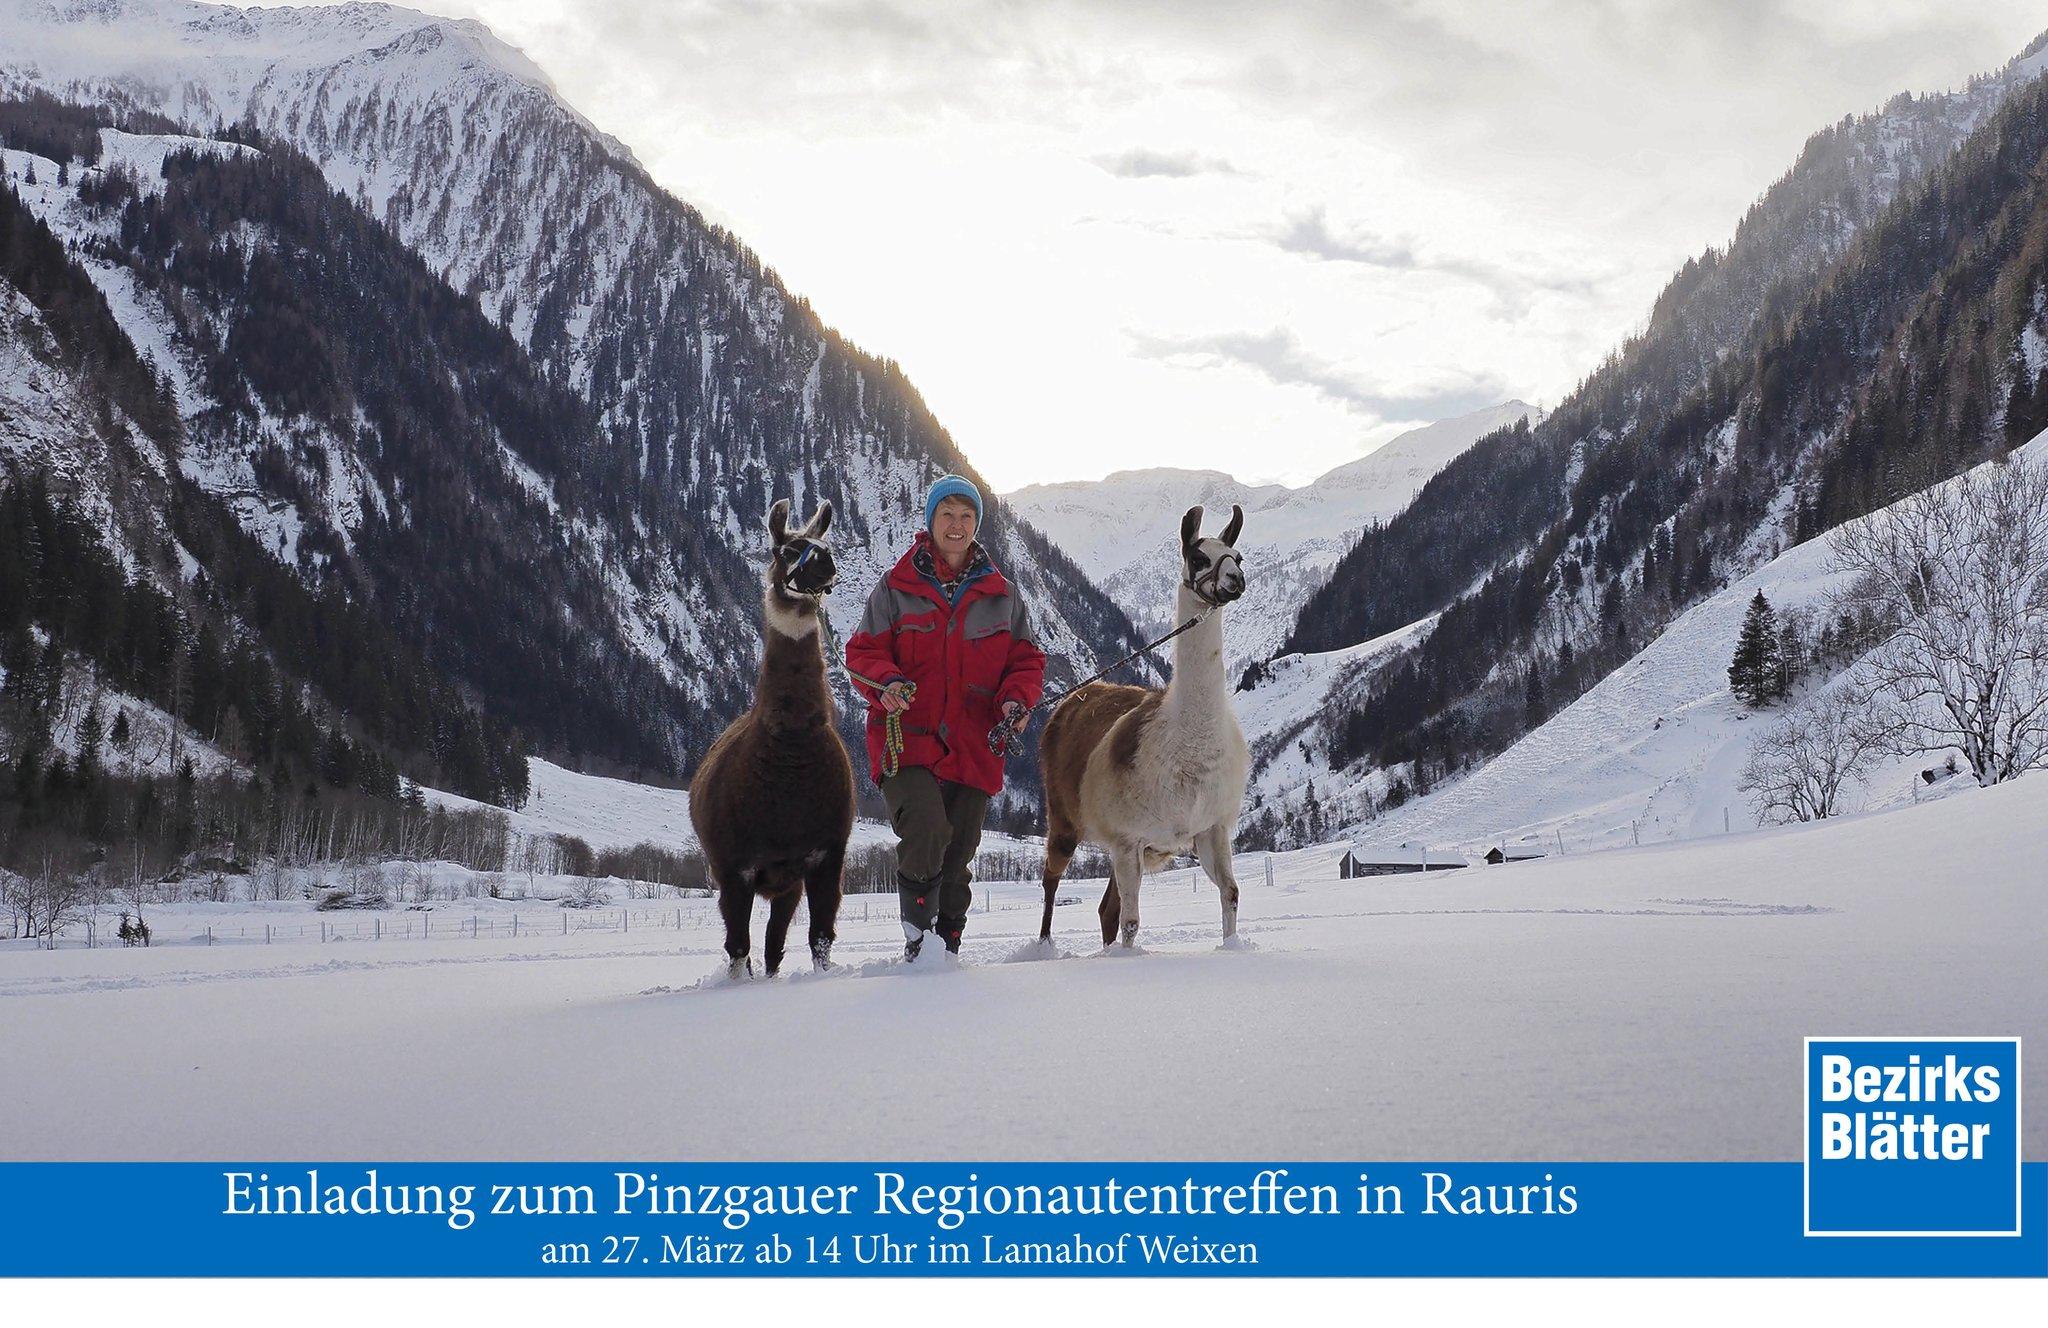 Defender-Treffen: Spende an die Bergrettung - Pinzgau